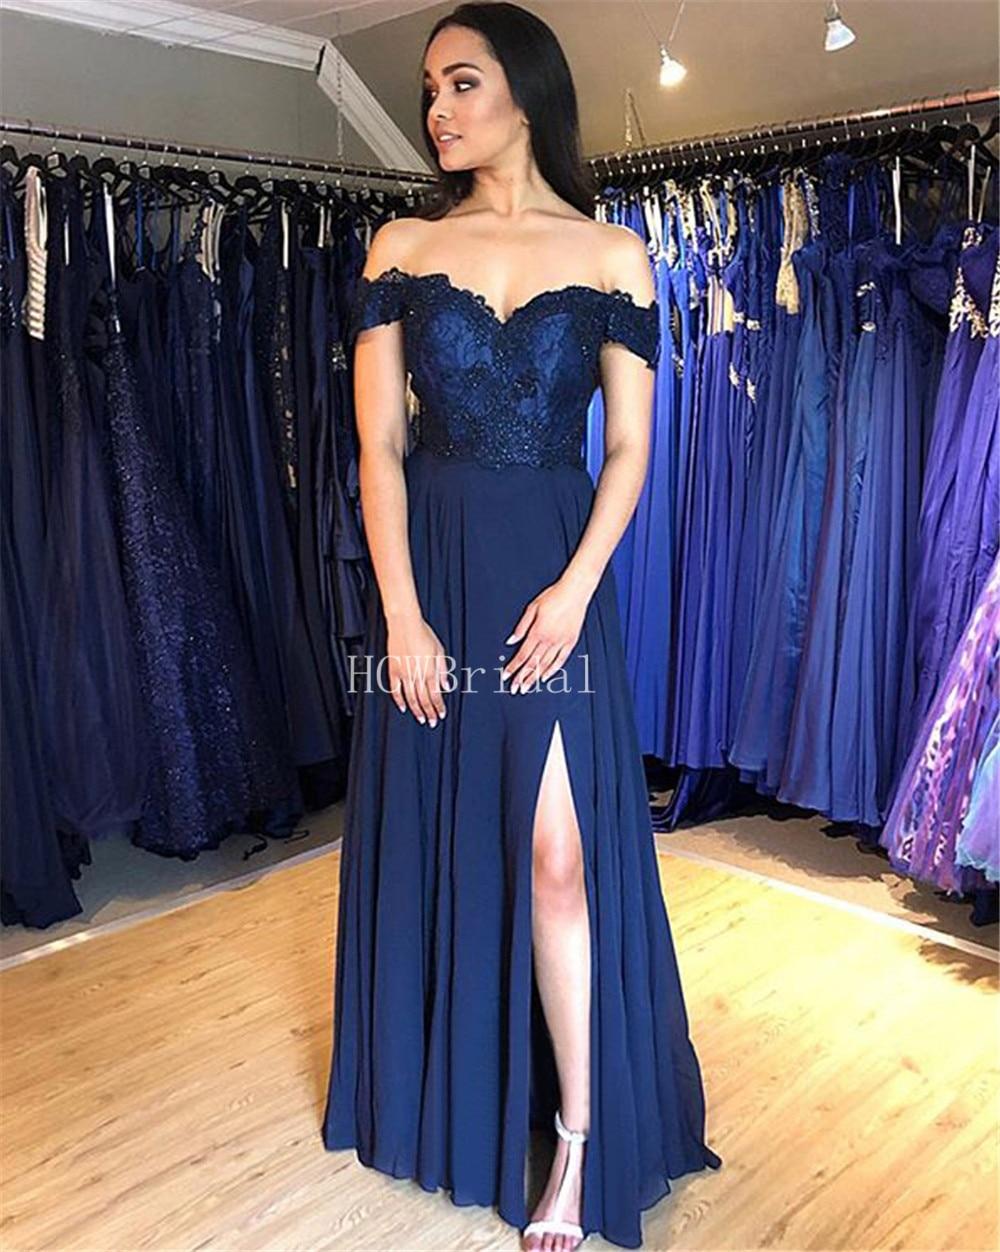 d2a2a113715 Robes Pas Mousseline Soirée Cou Robe Soie Une L épaule Sexy Marine Côté  Élégant Blue Bleu Longue Femmes ...